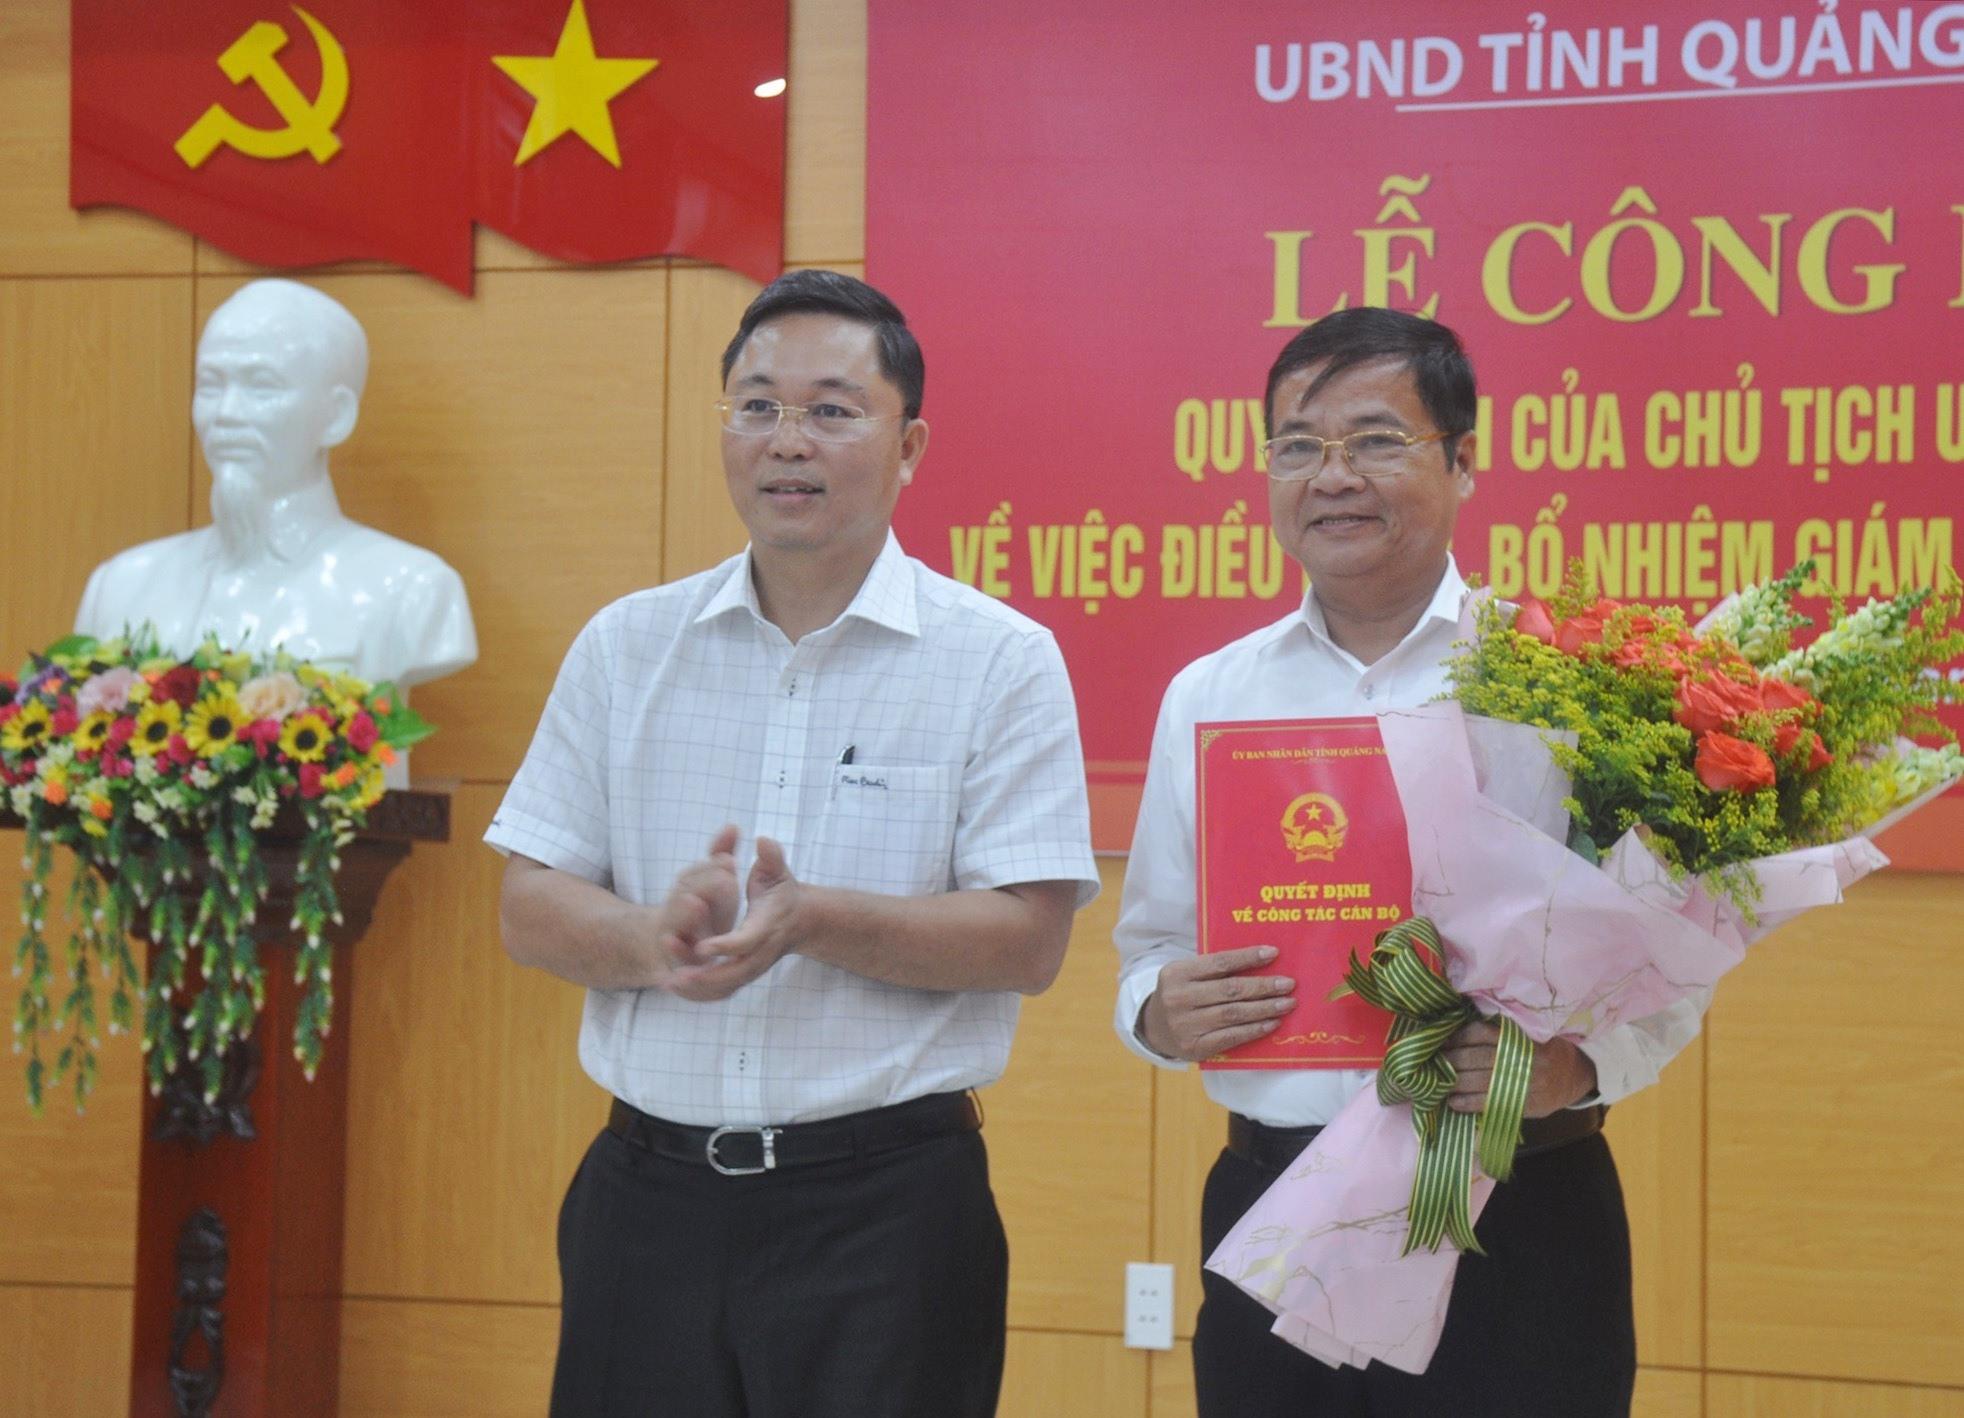 Quảng Nam điều động và bổ nhiệm 3 Giám đốc Sở - Ảnh 2.